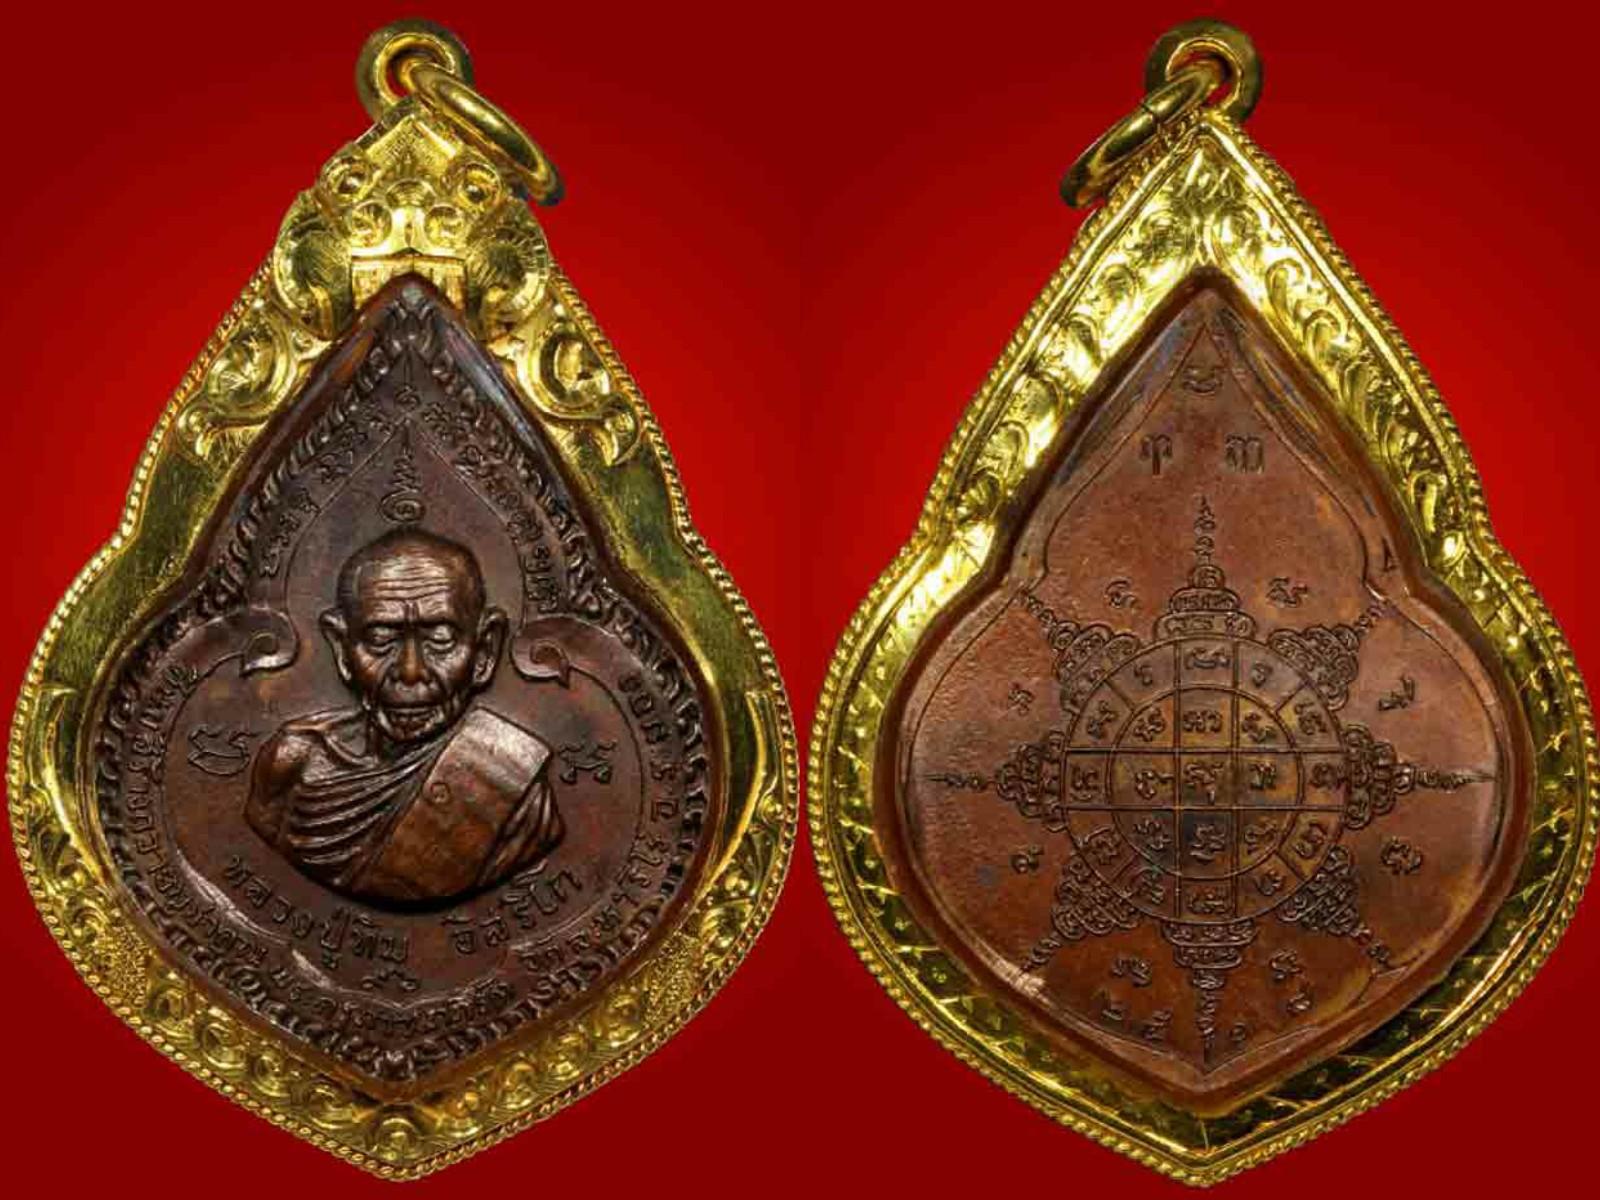 เหรียญนั่งพาน เหรียญหยดน้ำ หลวงปู่ทิม วัดละหารไร่ ปี 2518 3